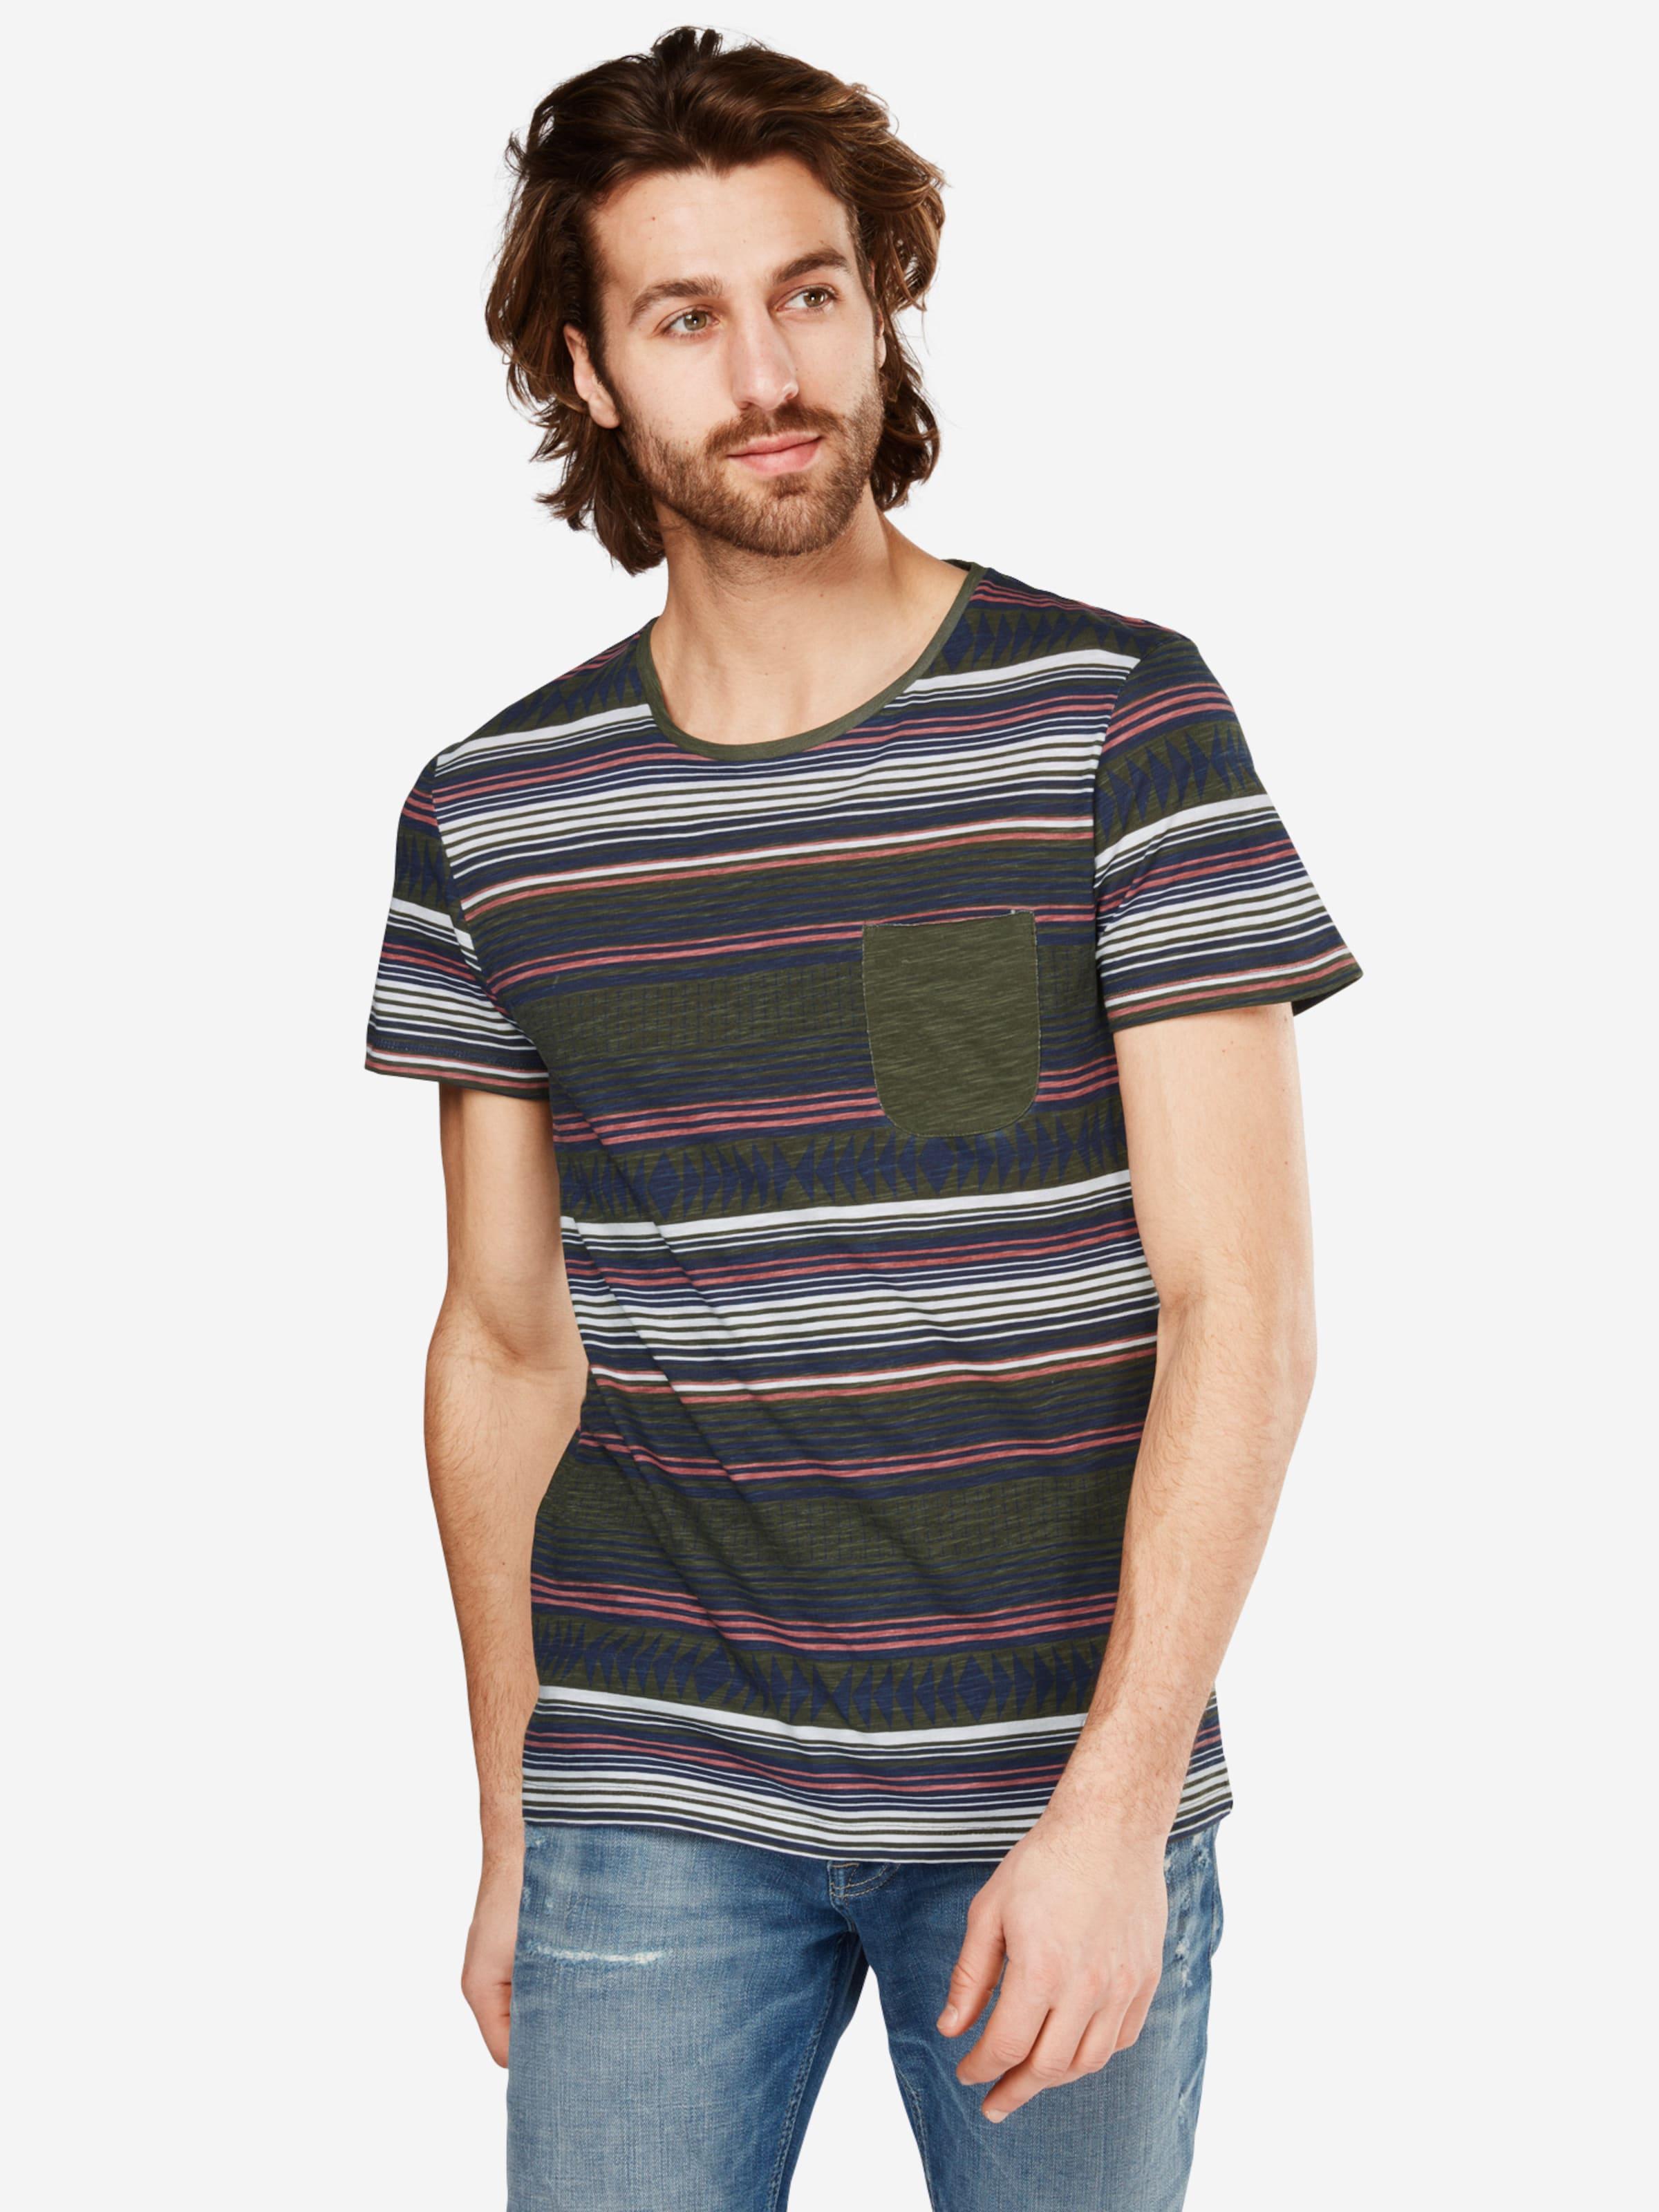 Verkauf 2018 Offizielle Seite Verkauf Online TOM TAILOR DENIM T-Shirt Billig Verkauf Neueste SEGby